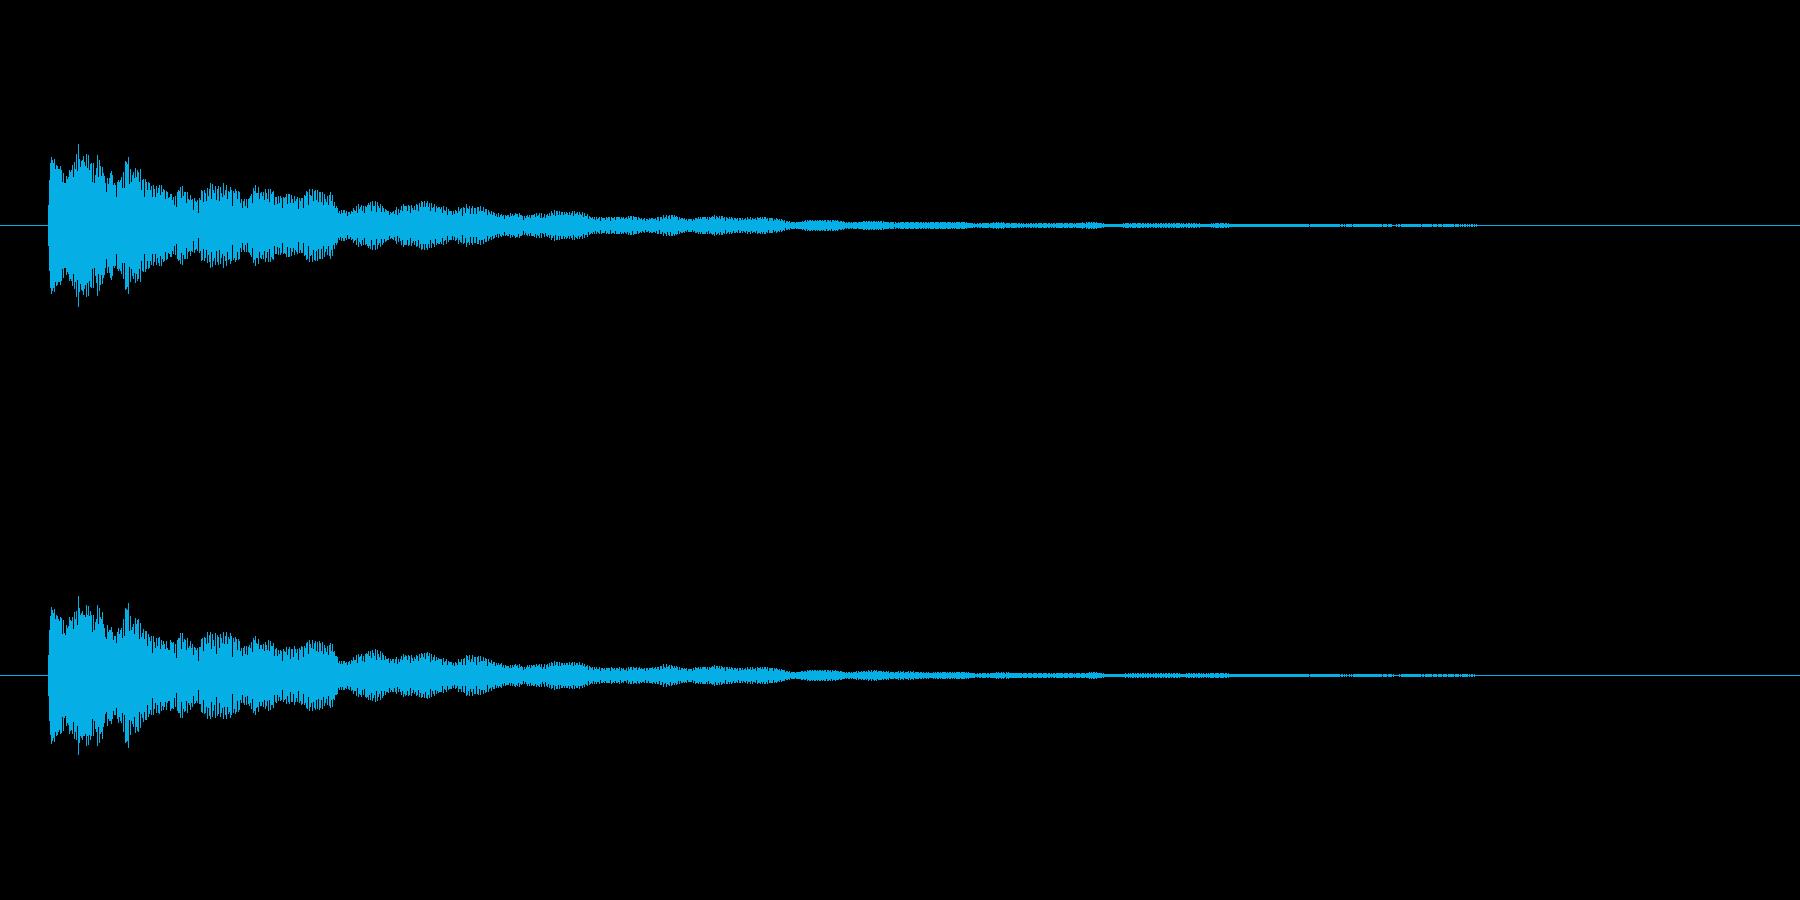 【ひらめき10-1】の再生済みの波形